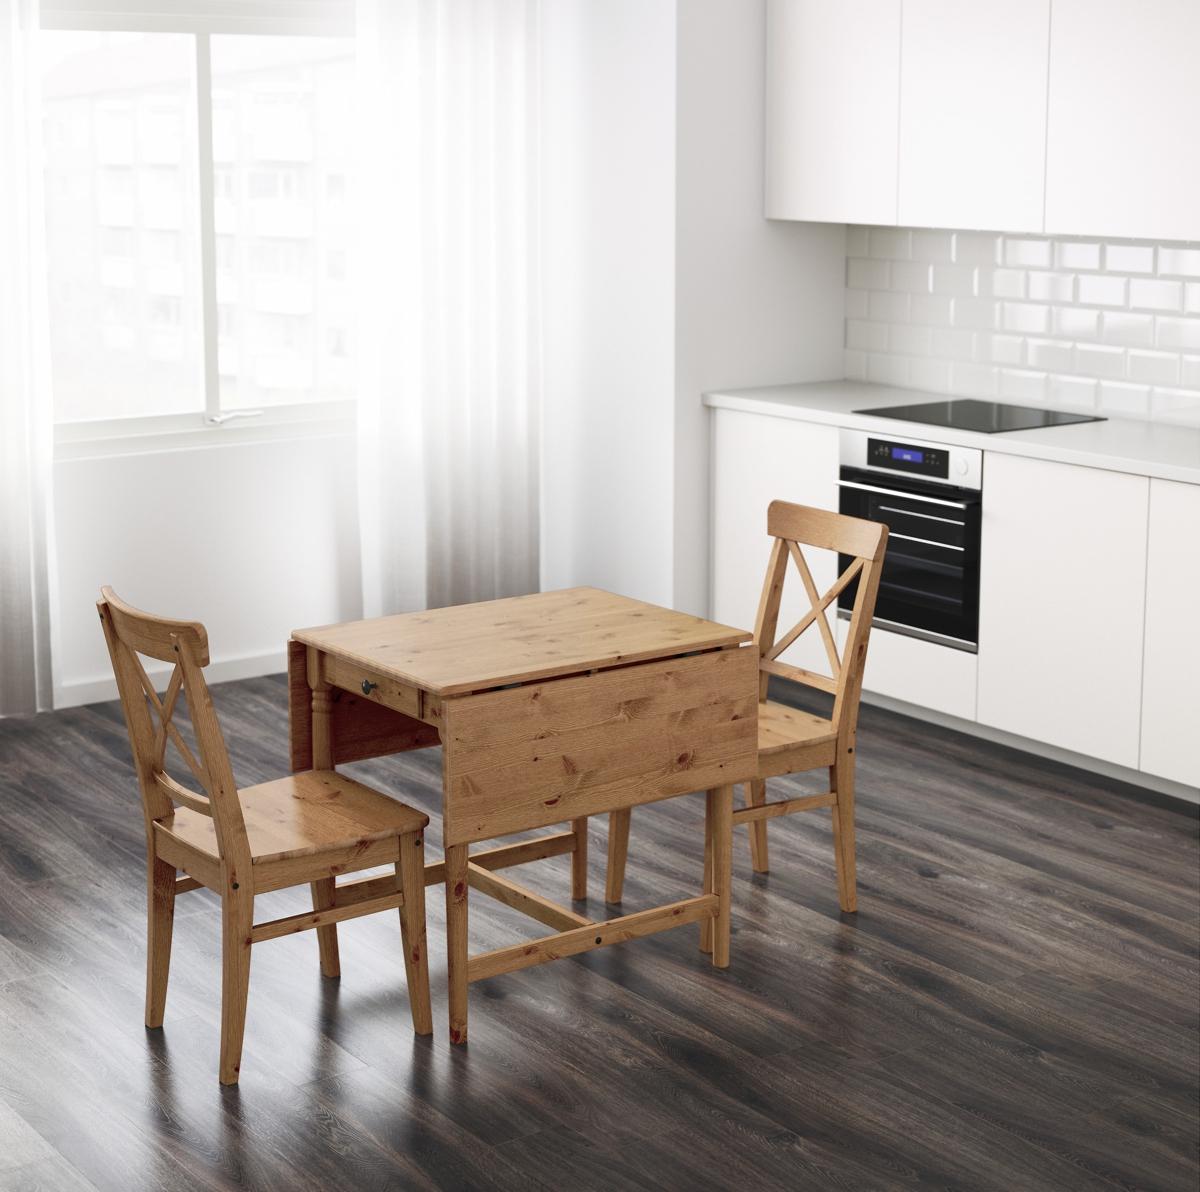 mesas abatibles Ikea - Ingatorp